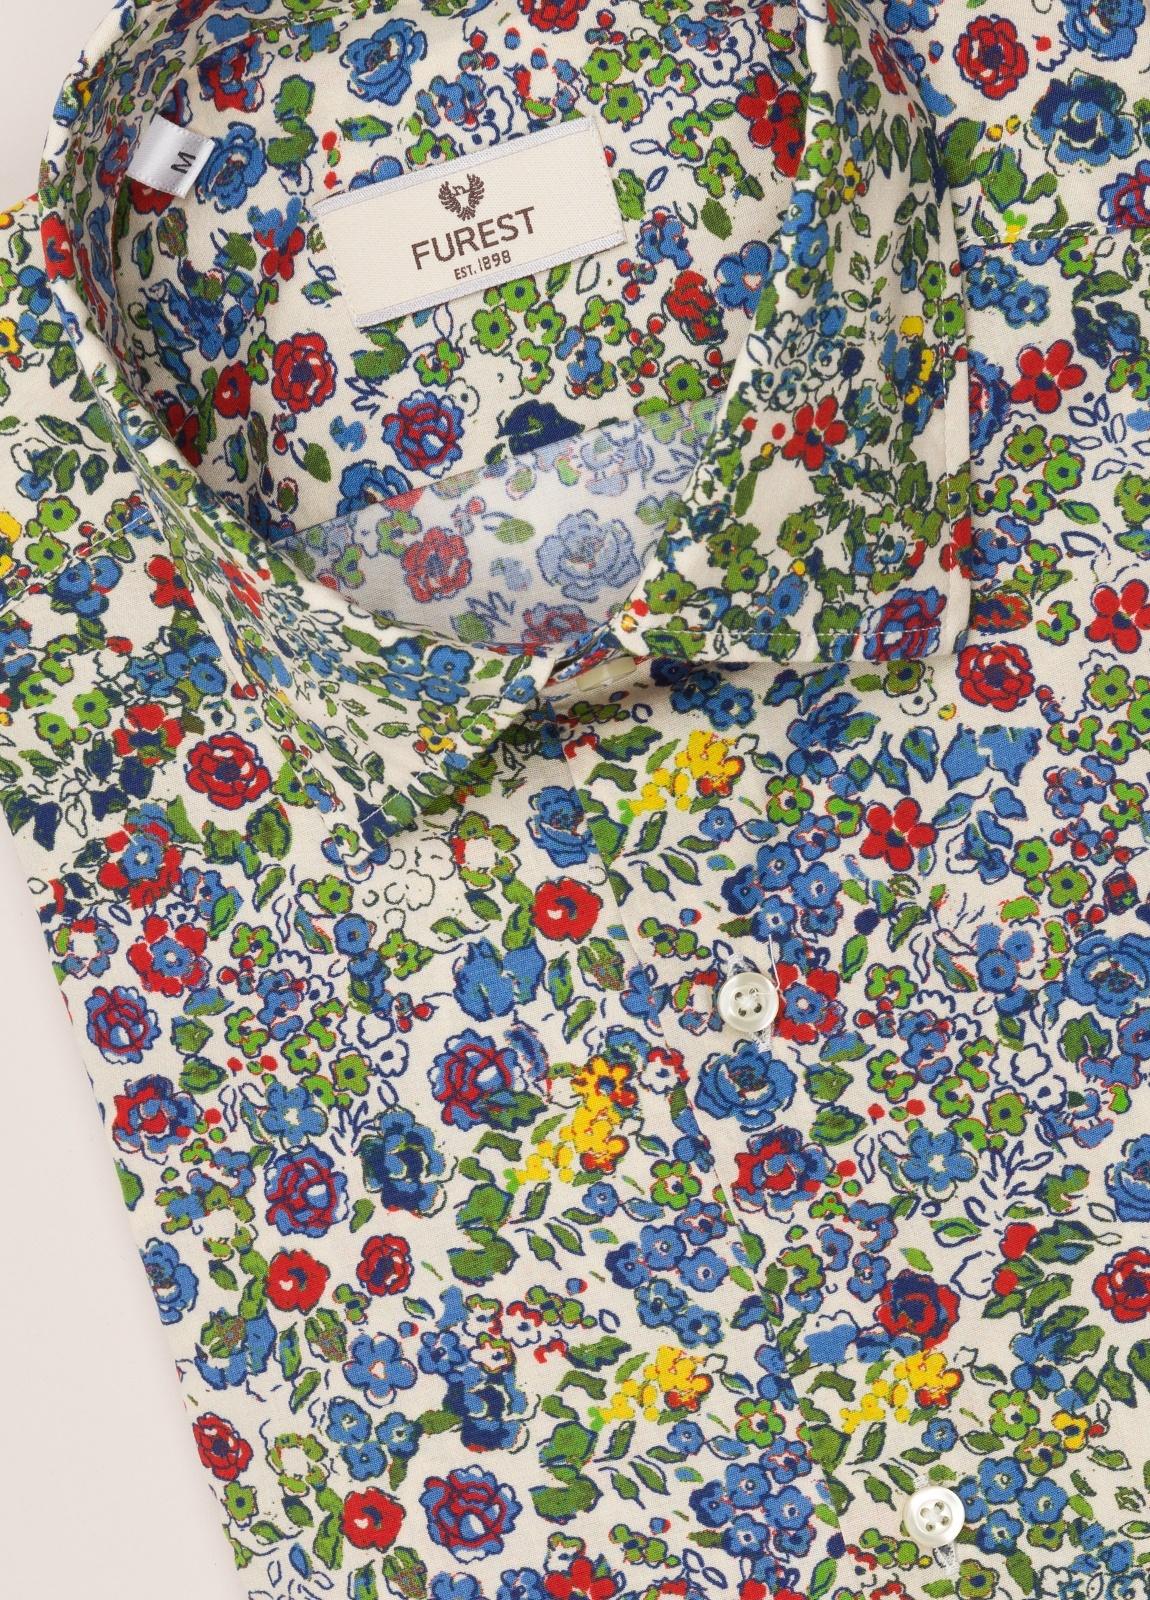 Camisa sport FUREST COLECCIÓN SLIM FIT flores - Ítem2